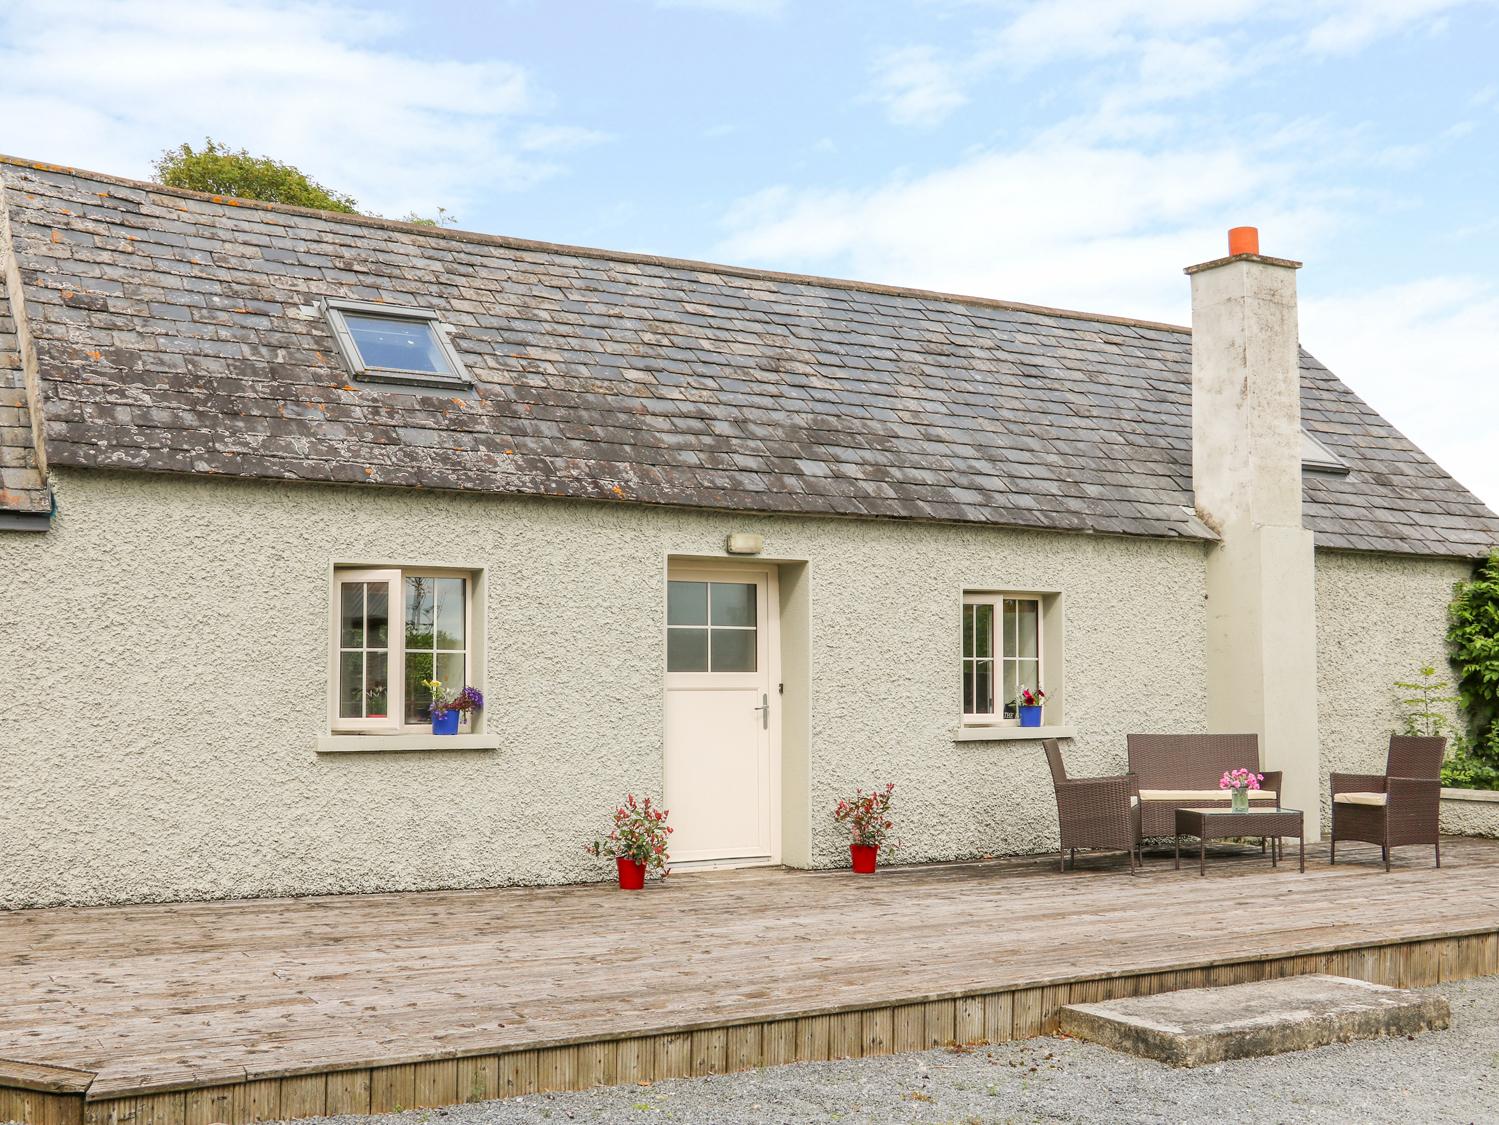 The Barn, County Kilkenny